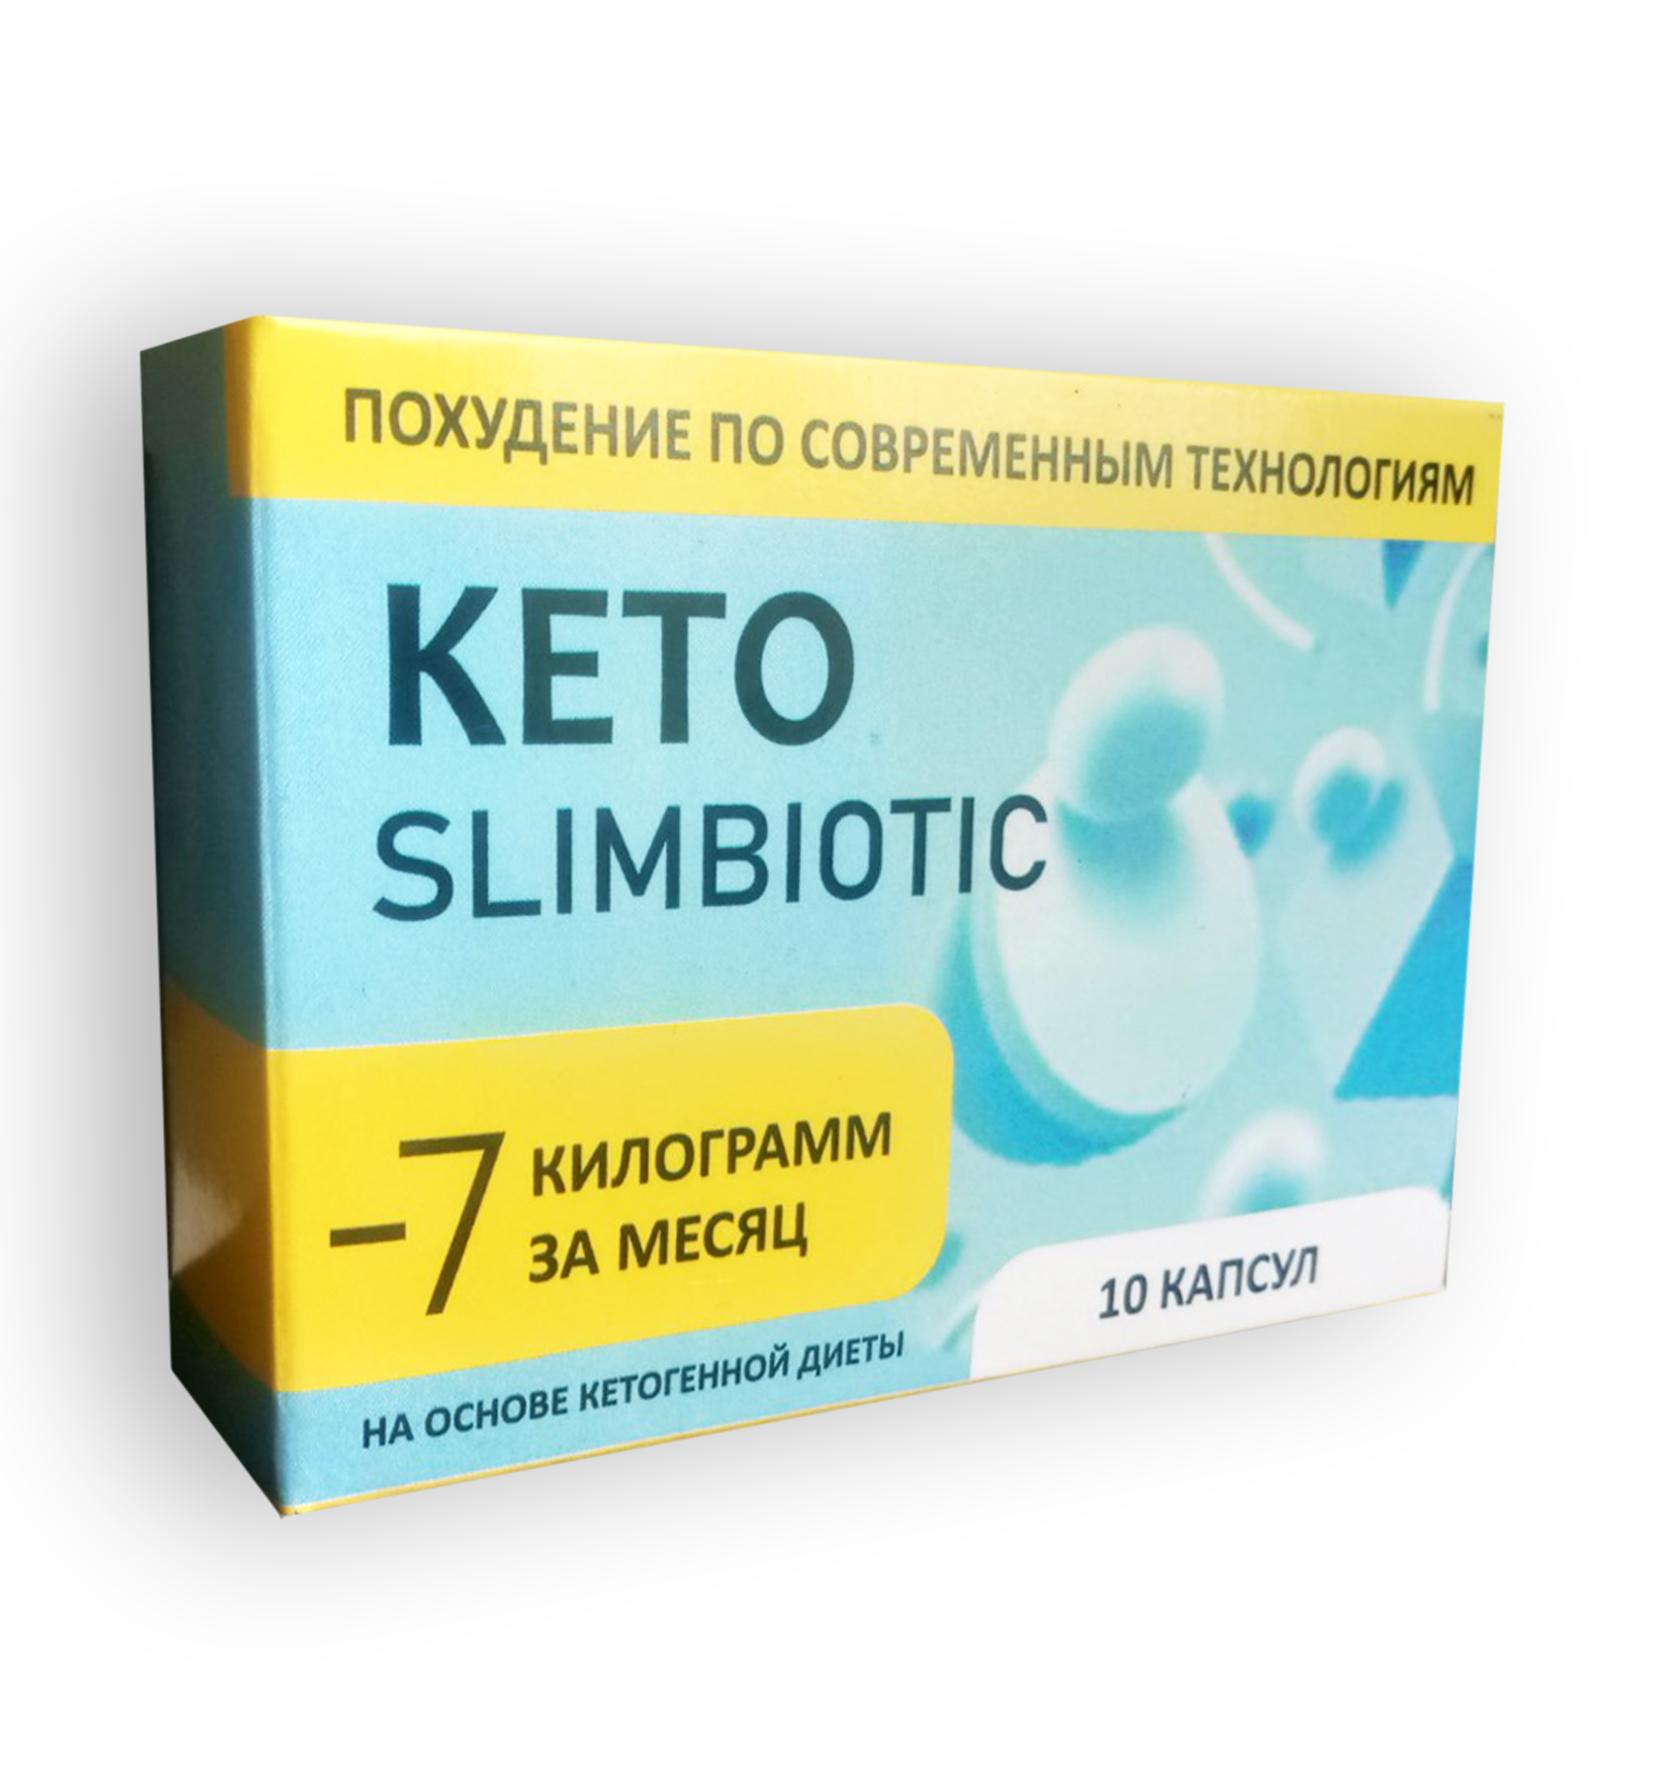 Keto SlimBiotic